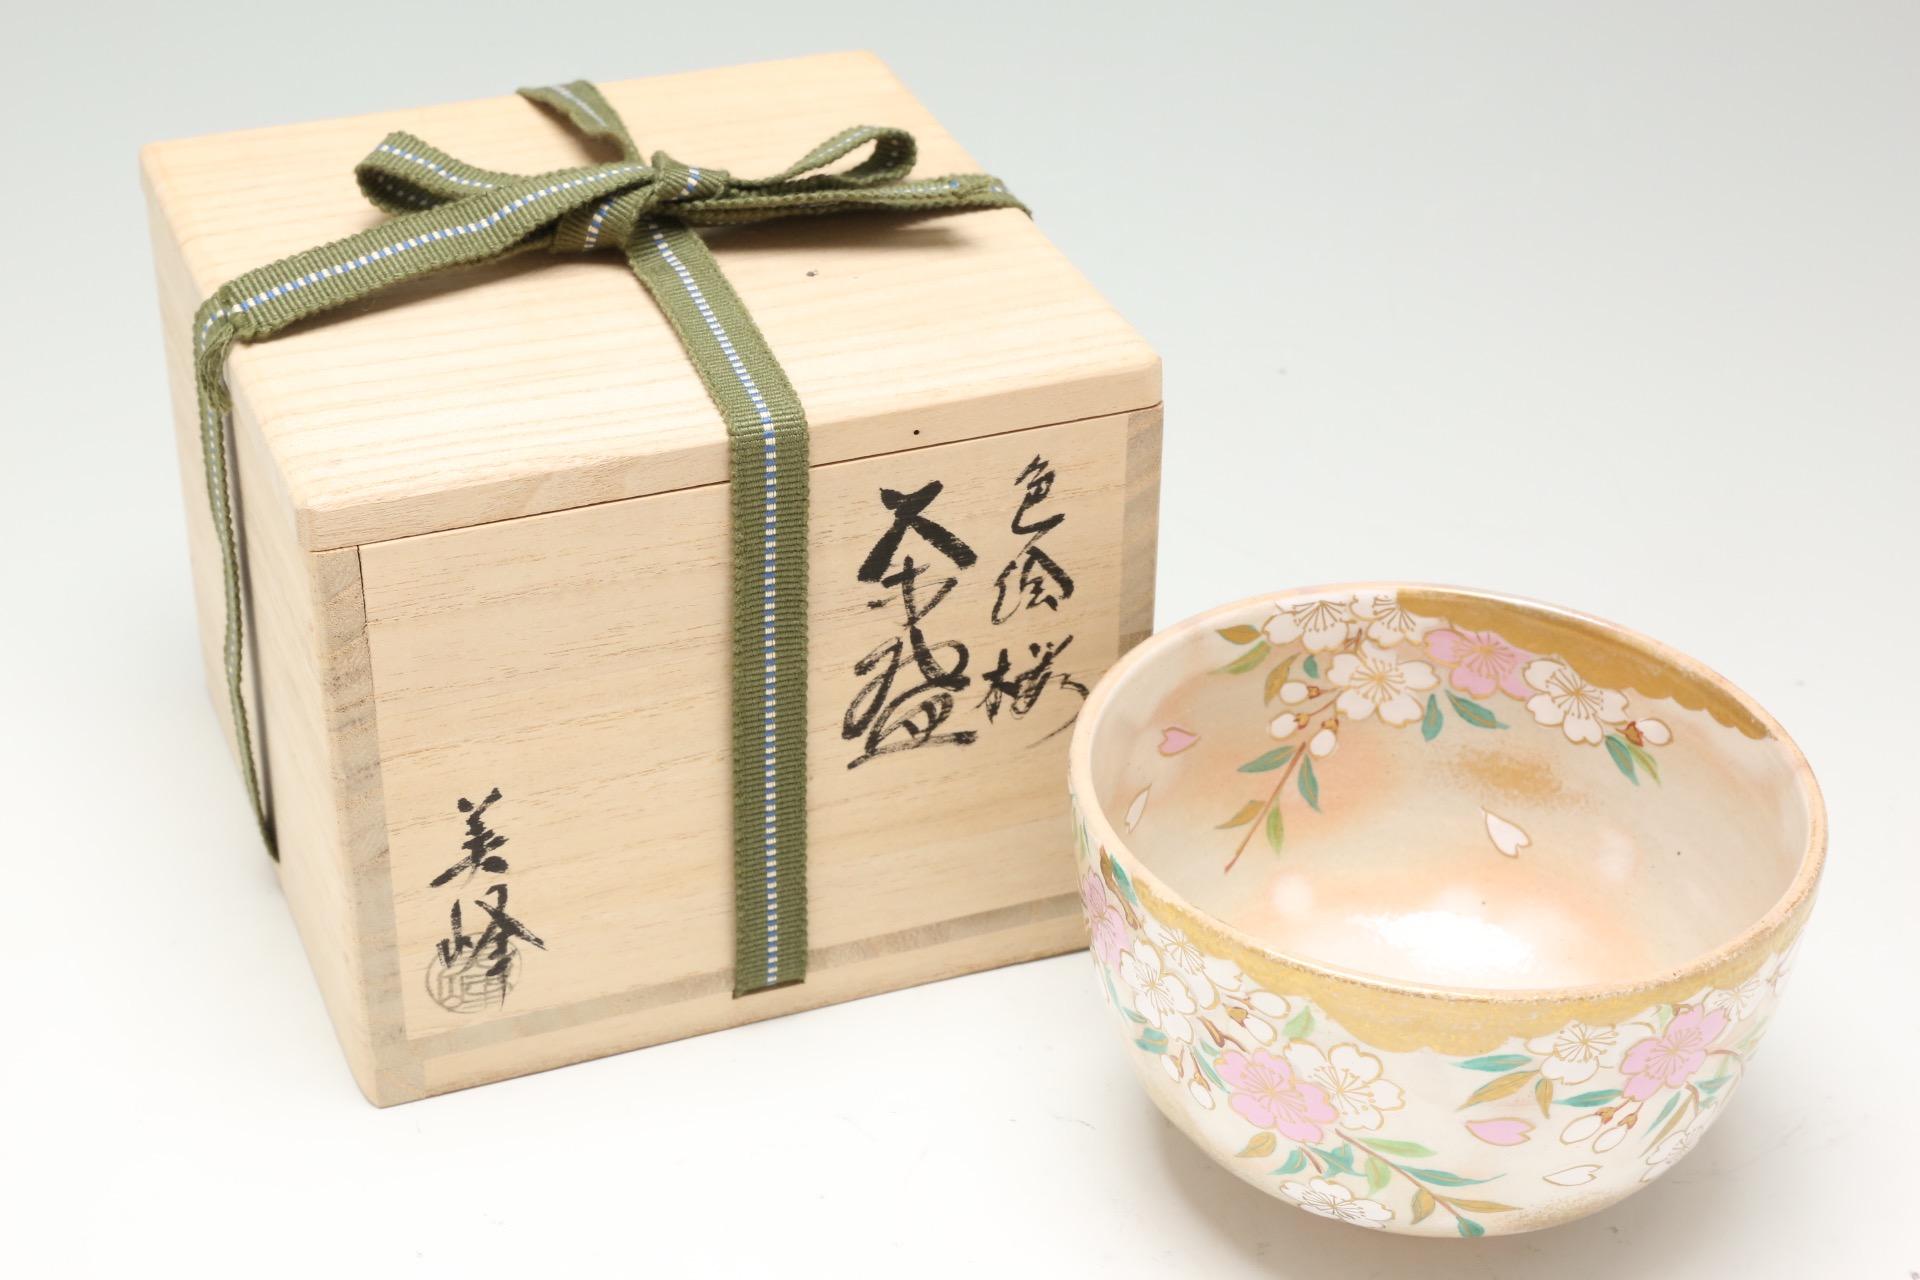 色絵桜茶盌 花房美峰氏作 [2Z-4234]